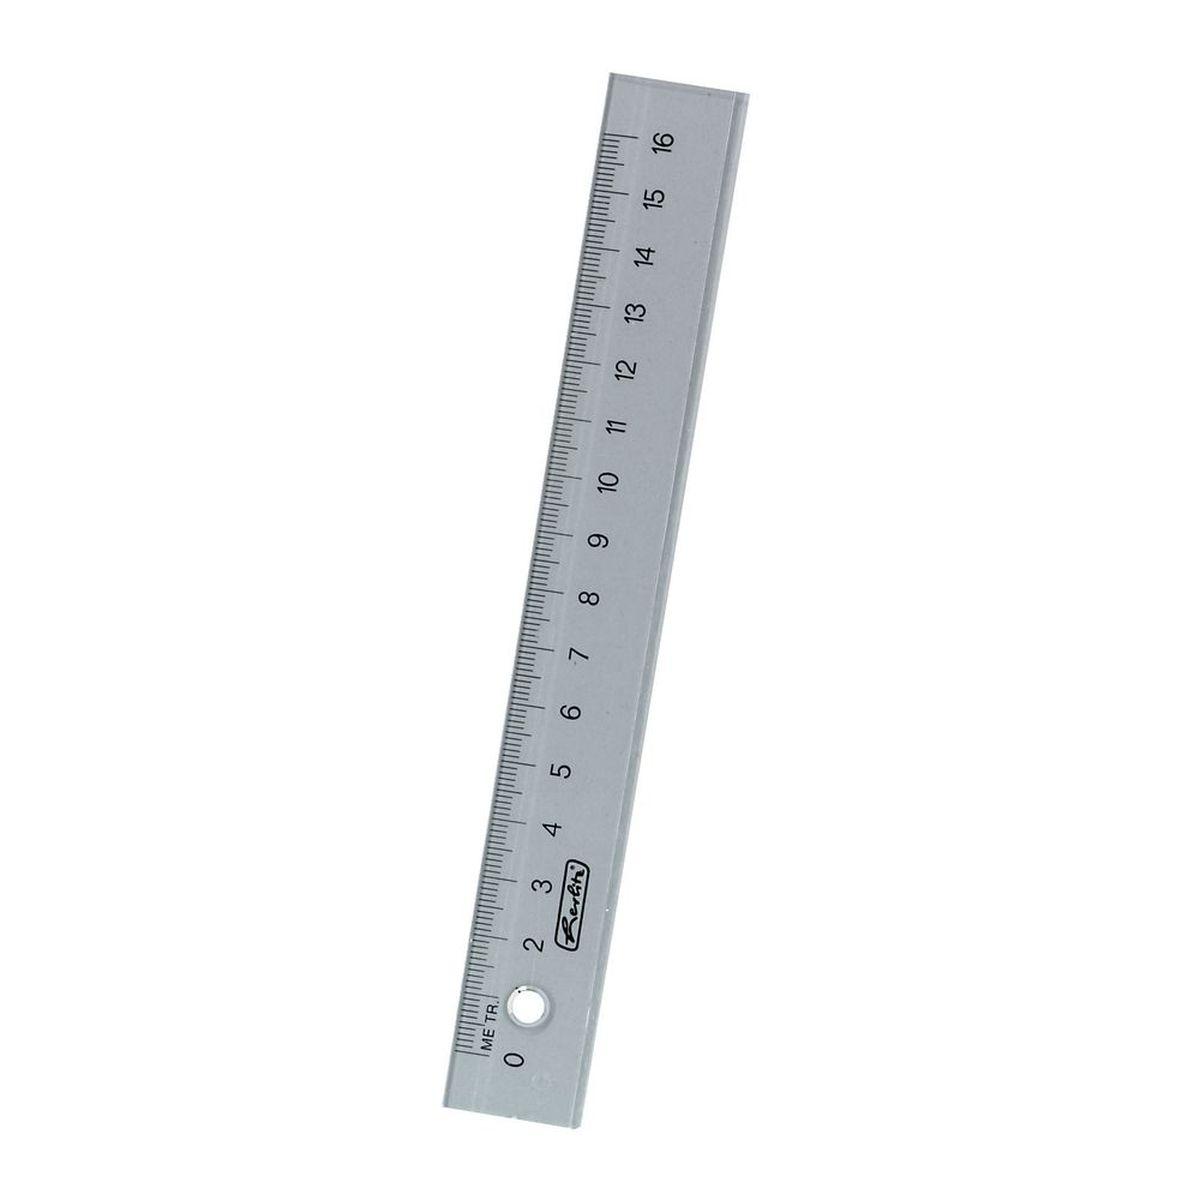 Линейка Herlitz с делениями на 16 см имеет четкую миллиметровую шкалу делений и подходит для измерения длины или черчения. Она изготовлена из прозрачного пластика и устойчива к деформациям.Линейка - это незаменимый атрибут для любого студента, школьника или офисного работника. Такая линейка от Herlitz станет вашим помощником в любом проектном или учебном деле.